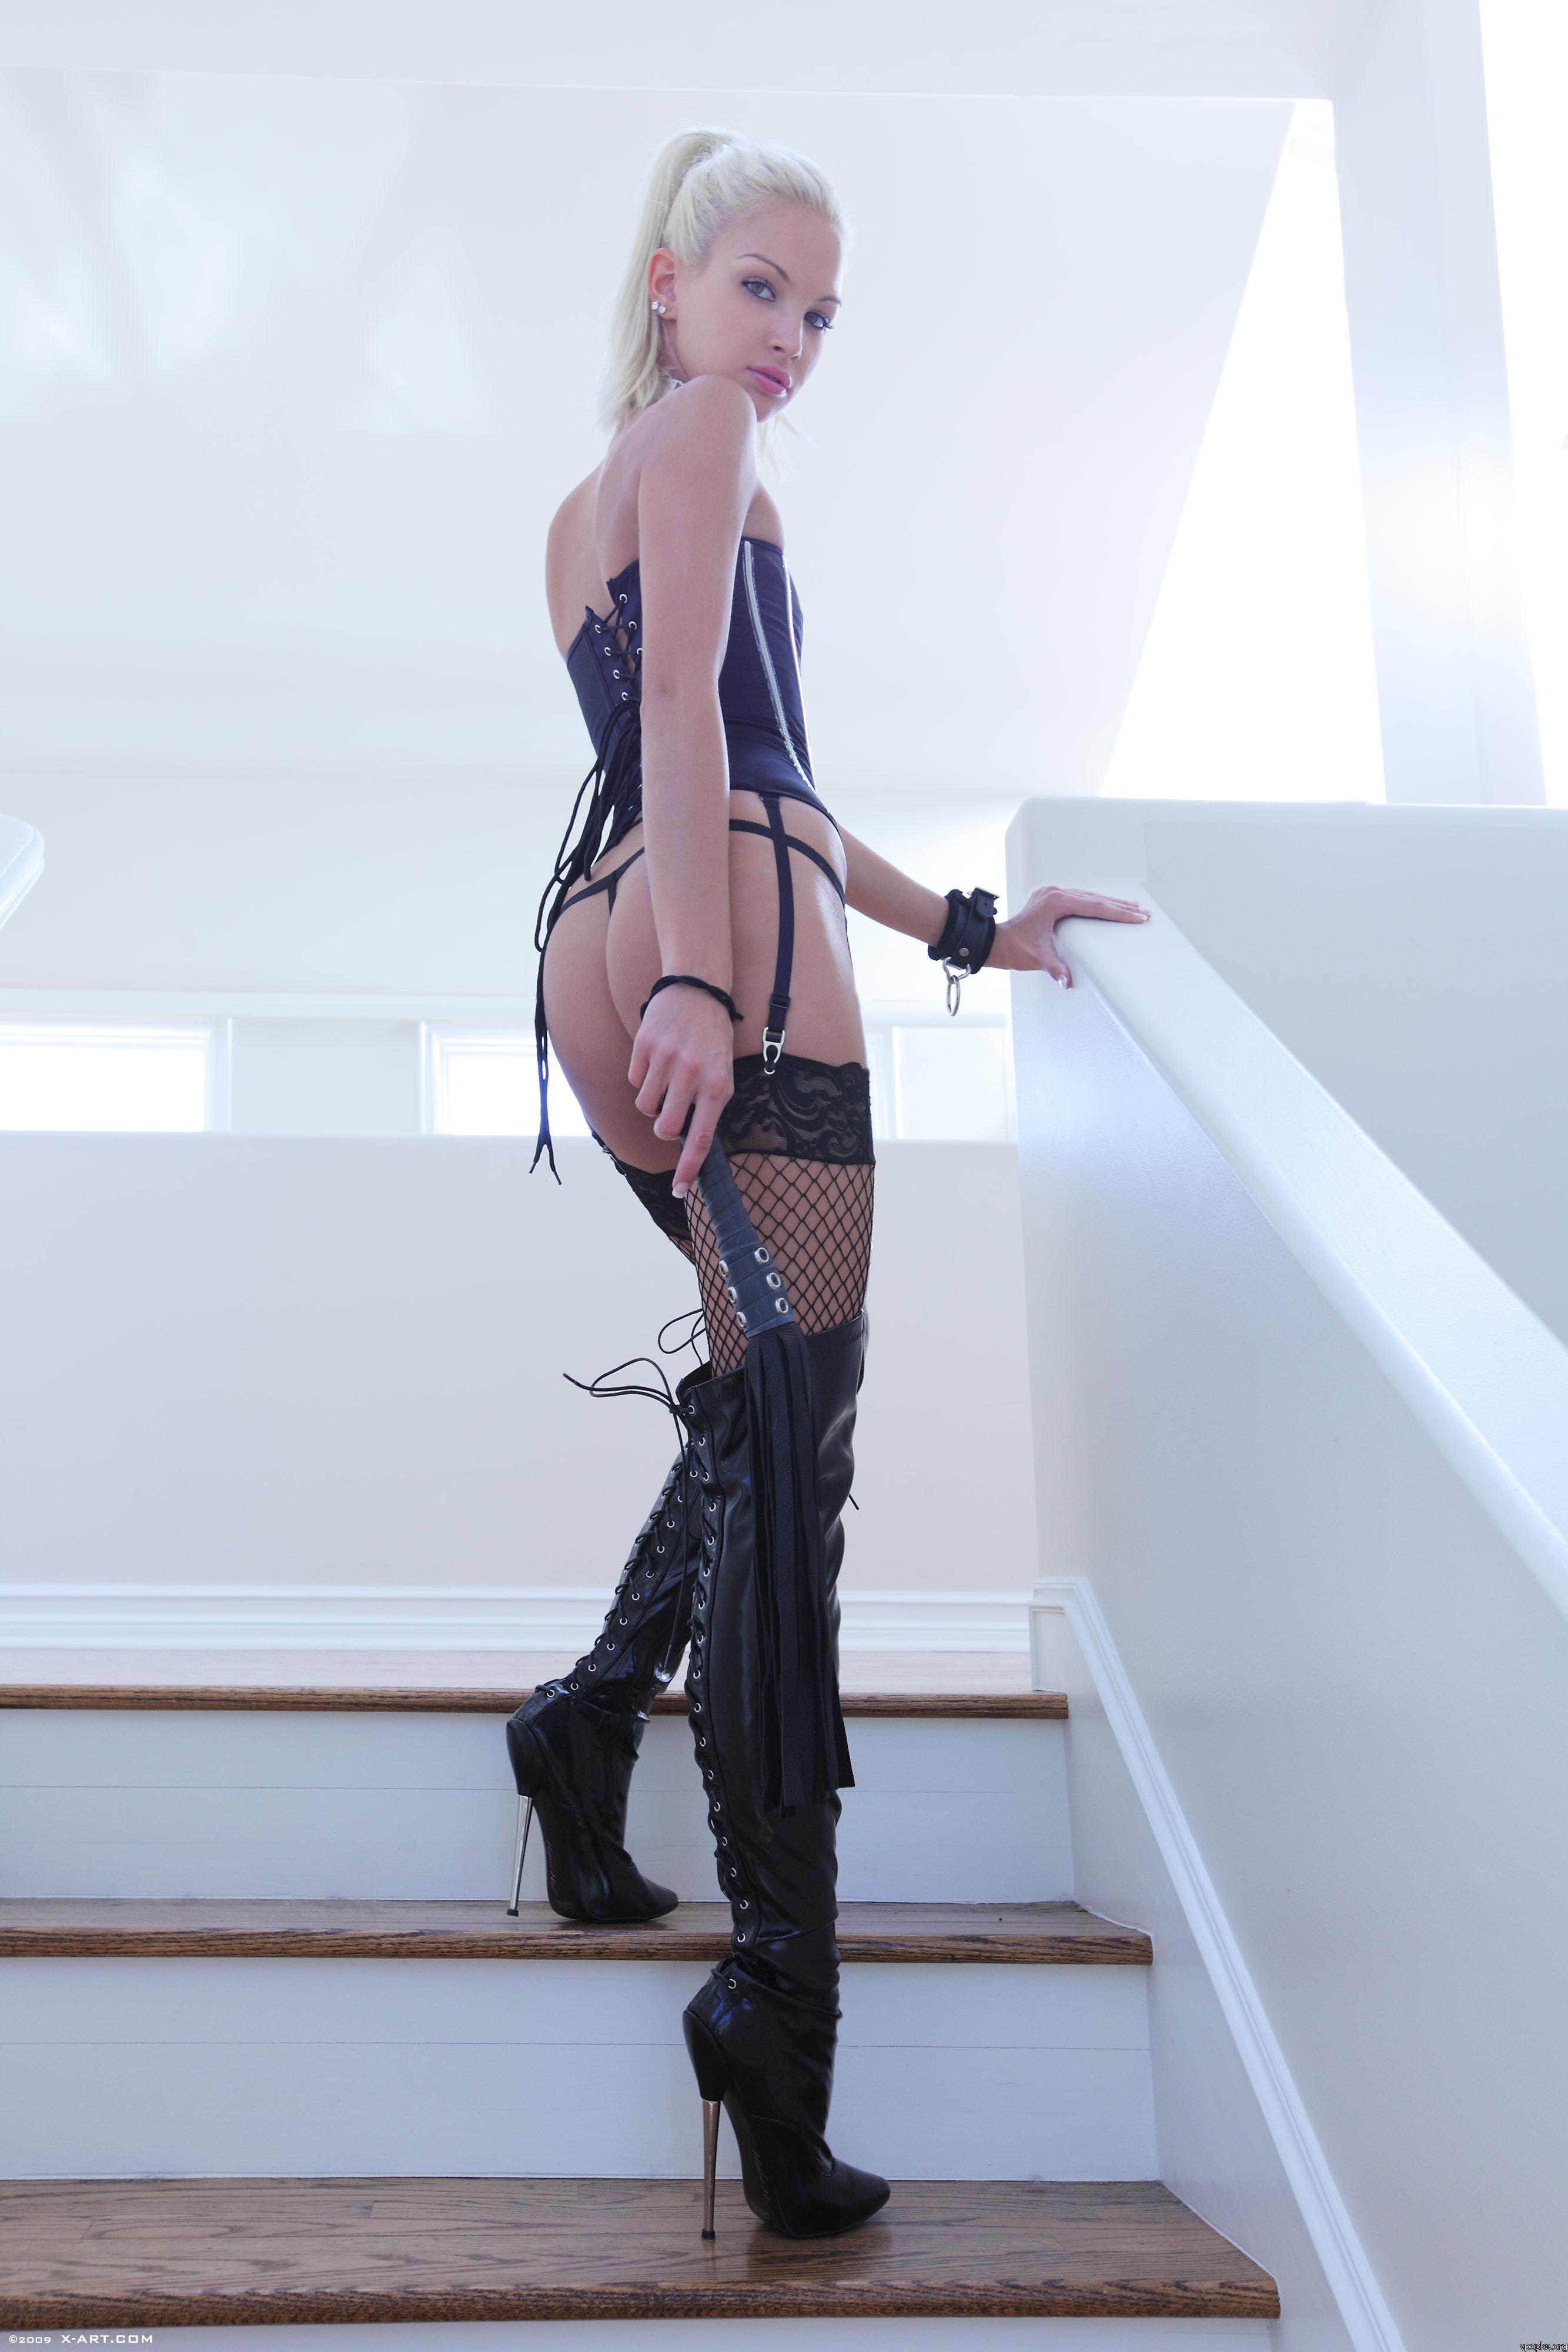 Страпон госпожа латекс высокие каблуки 11 фотография